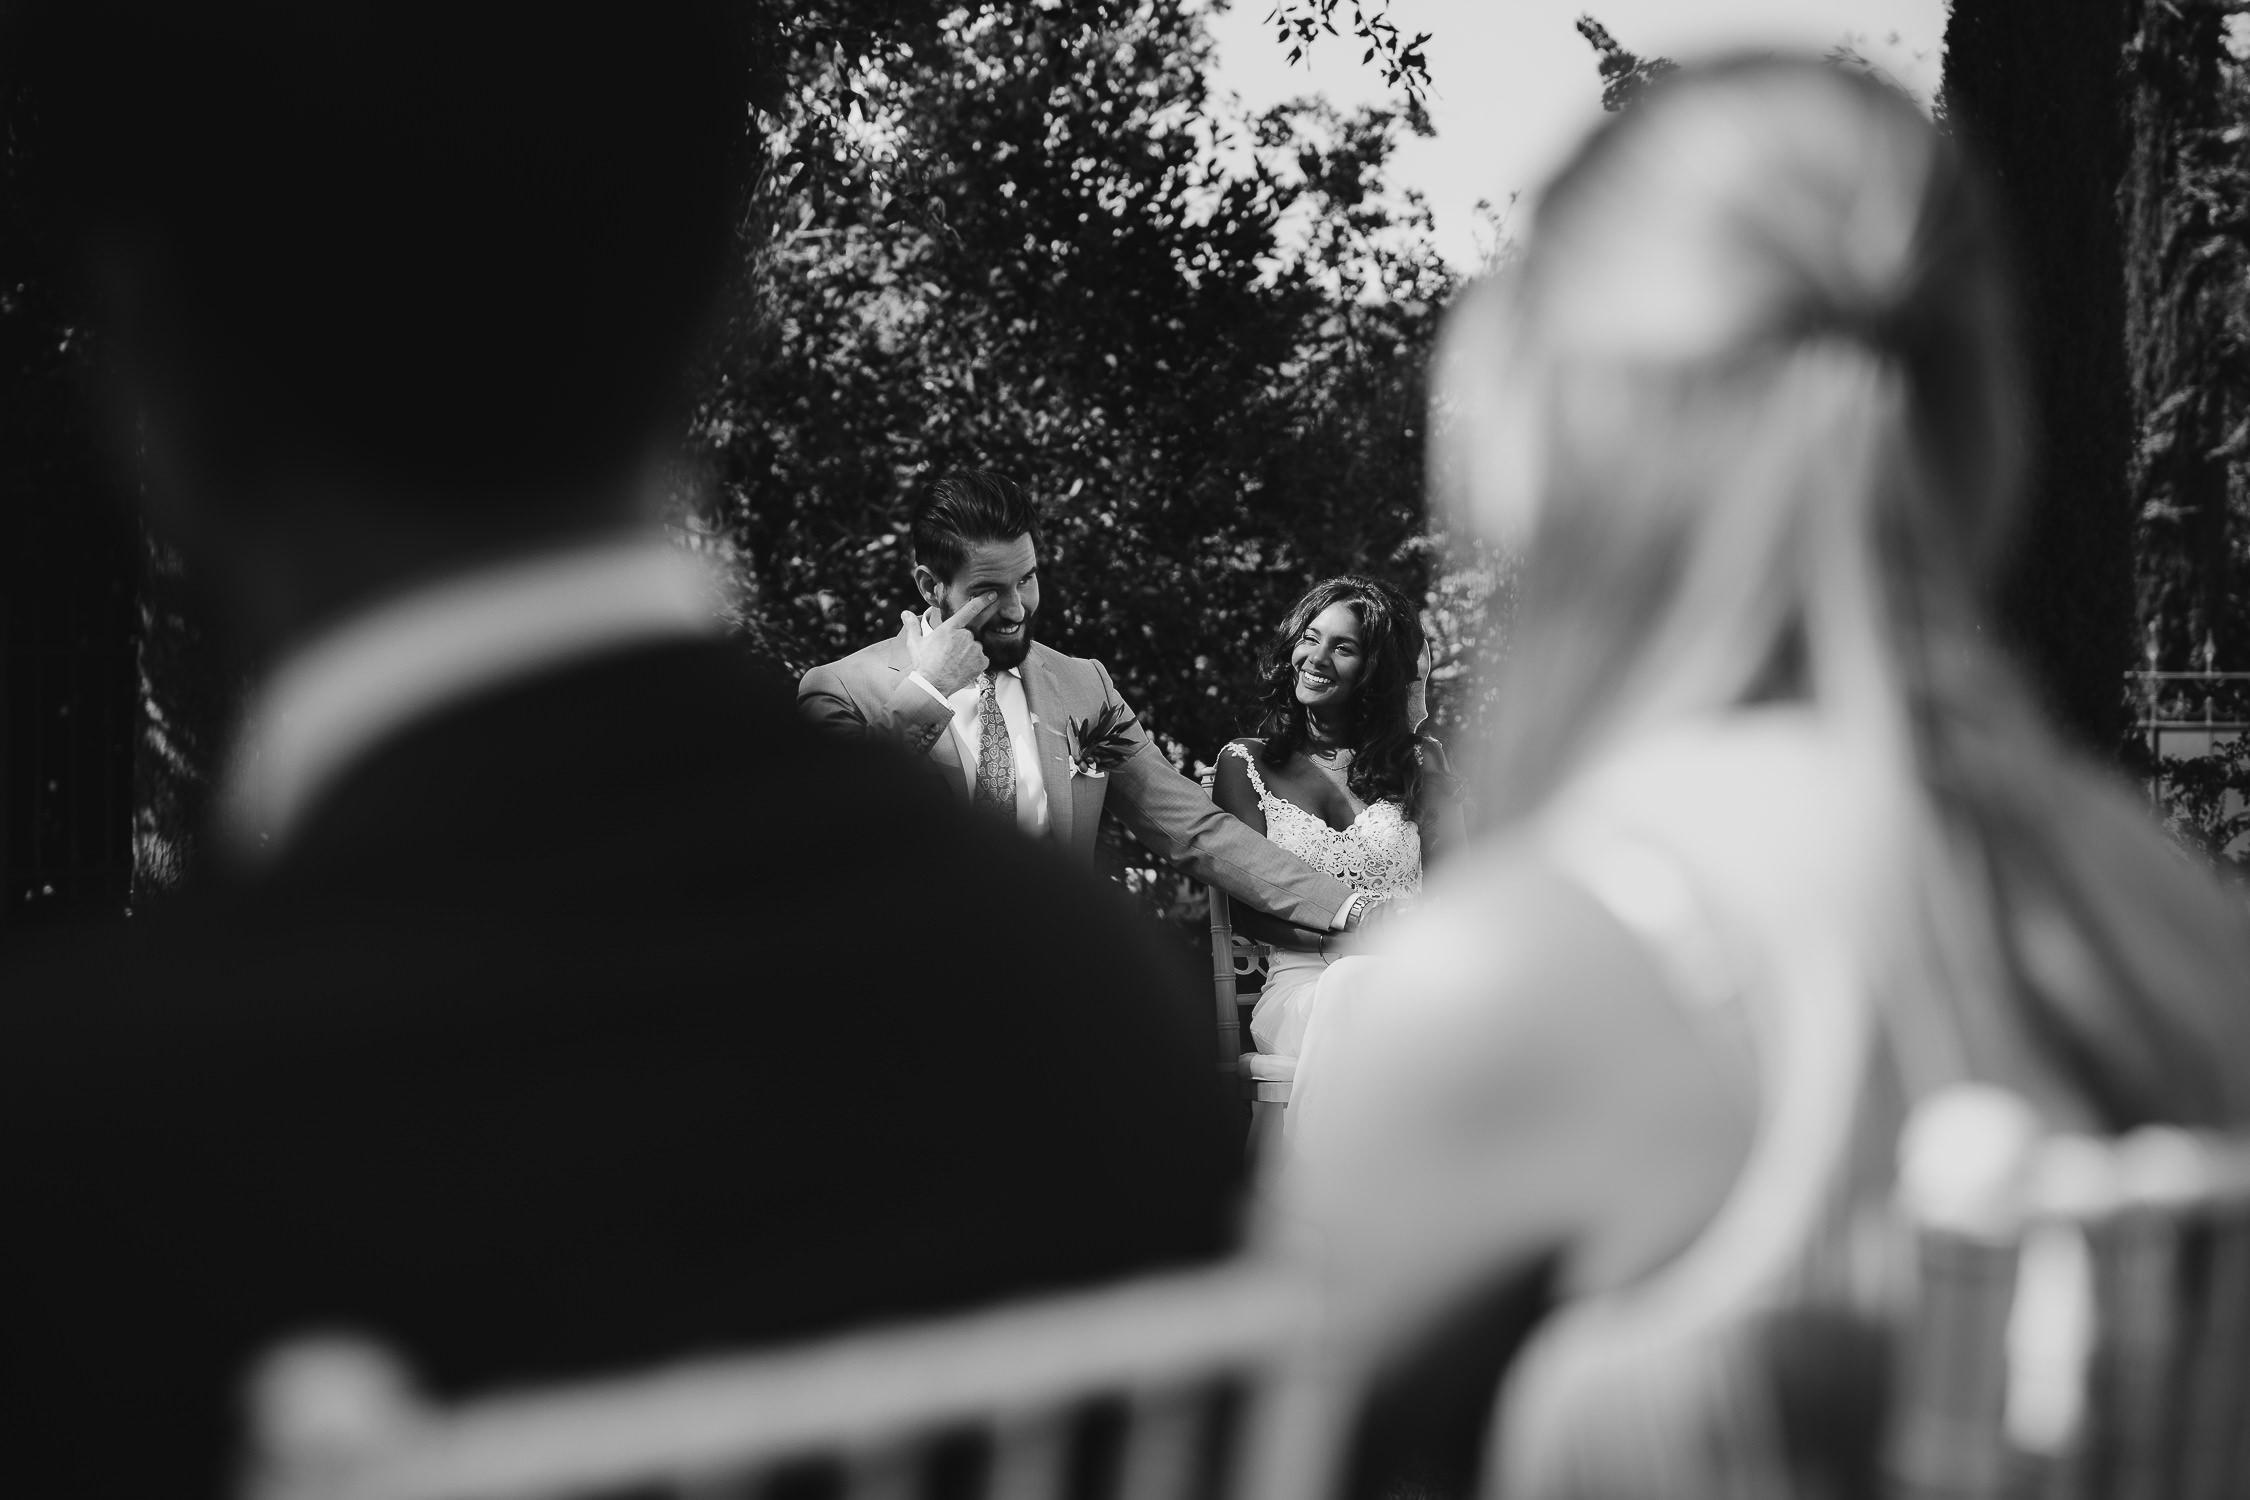 beste bruiloft fotograaf amsterdam bruidspaar bij de ceremonie